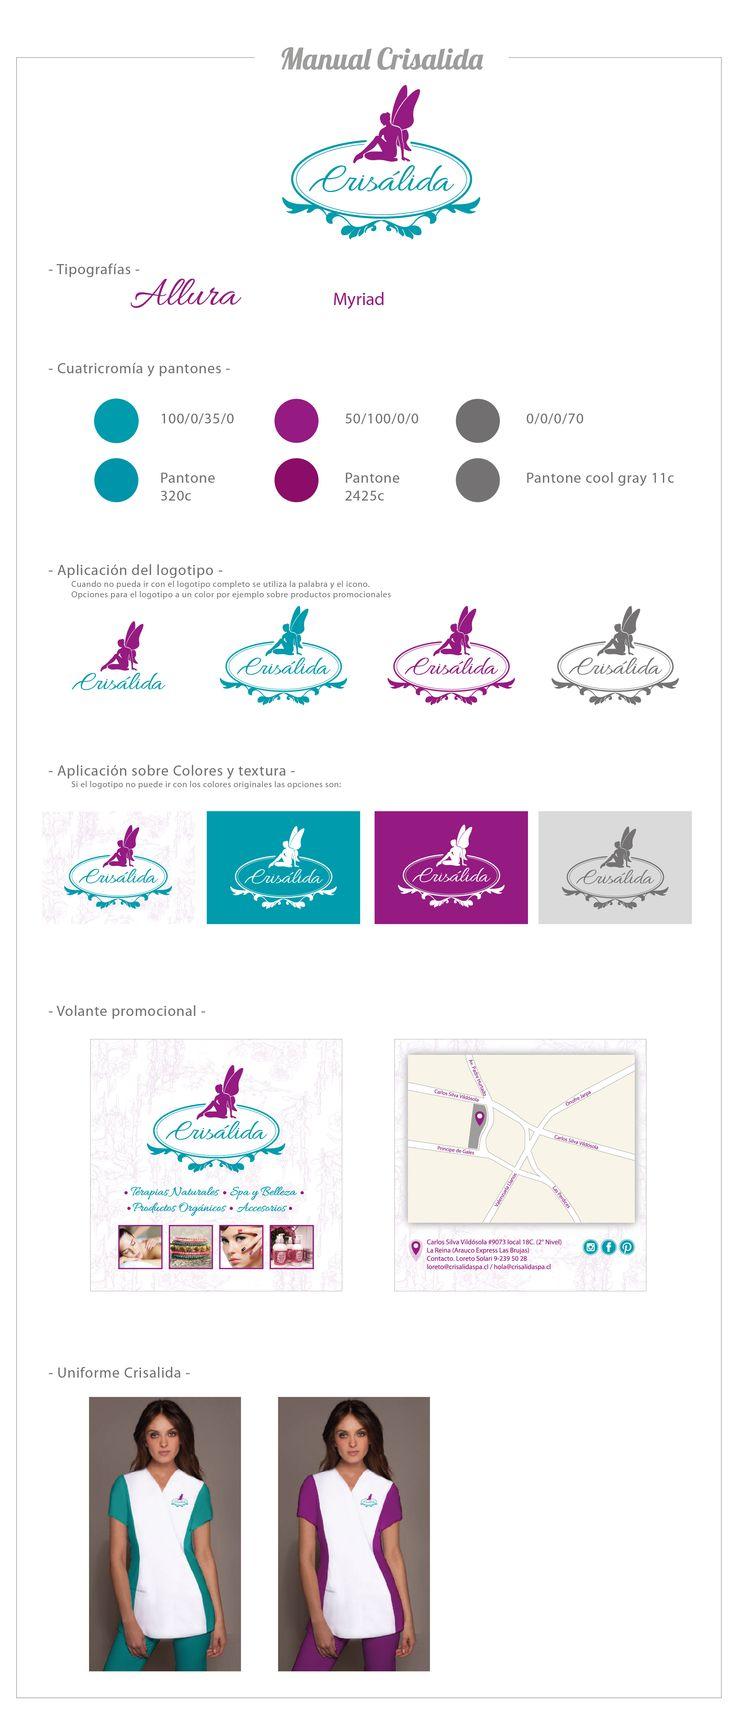 Logotipo y manual de marca. Cliente. Crisalida Diseñado por Kata Melgarejo Bahamondes